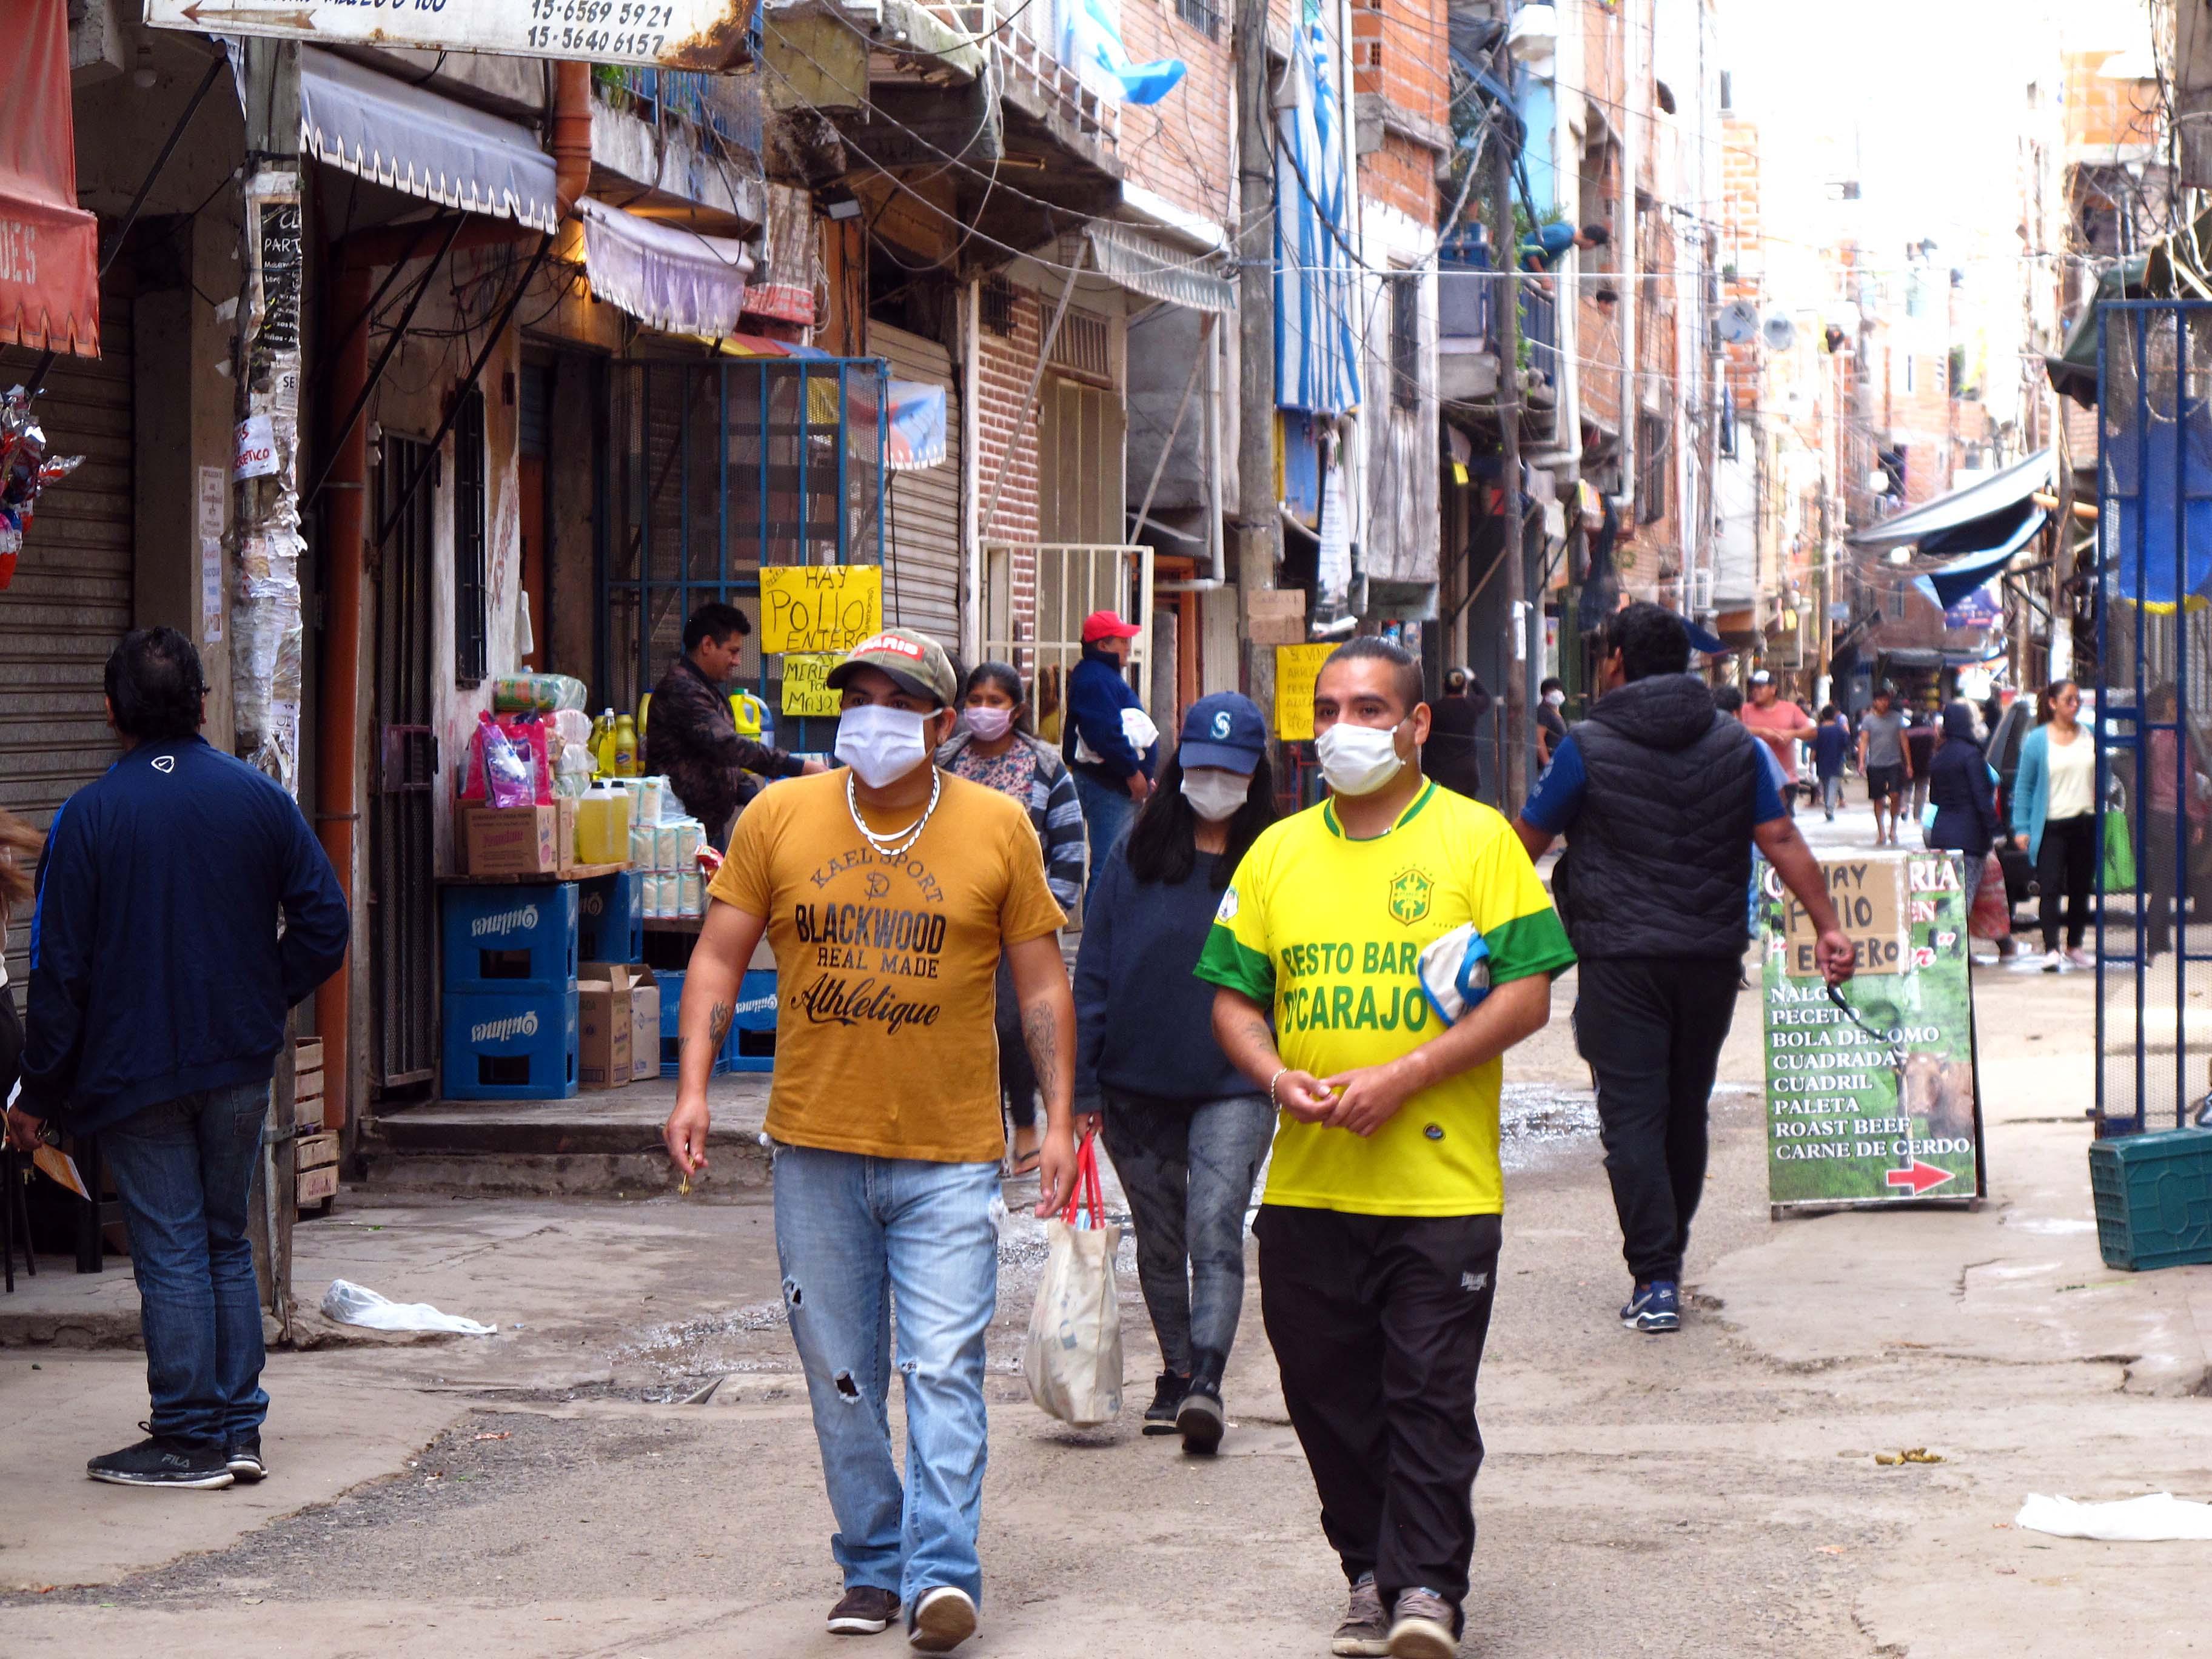 Una imagen de la Villa 1-11-14 en pleno movimiento. Hasta el momento, en los barrios populares la cantidad de casos positivos de COVID-19 fue de 6507, los fallecidos fueron 65 y las altas, 3291. El porcentaje de letalidad en los mismos es del 0,99 %, mientras que en el total de la ciudad de Buenos Aires es del 2,1 %.